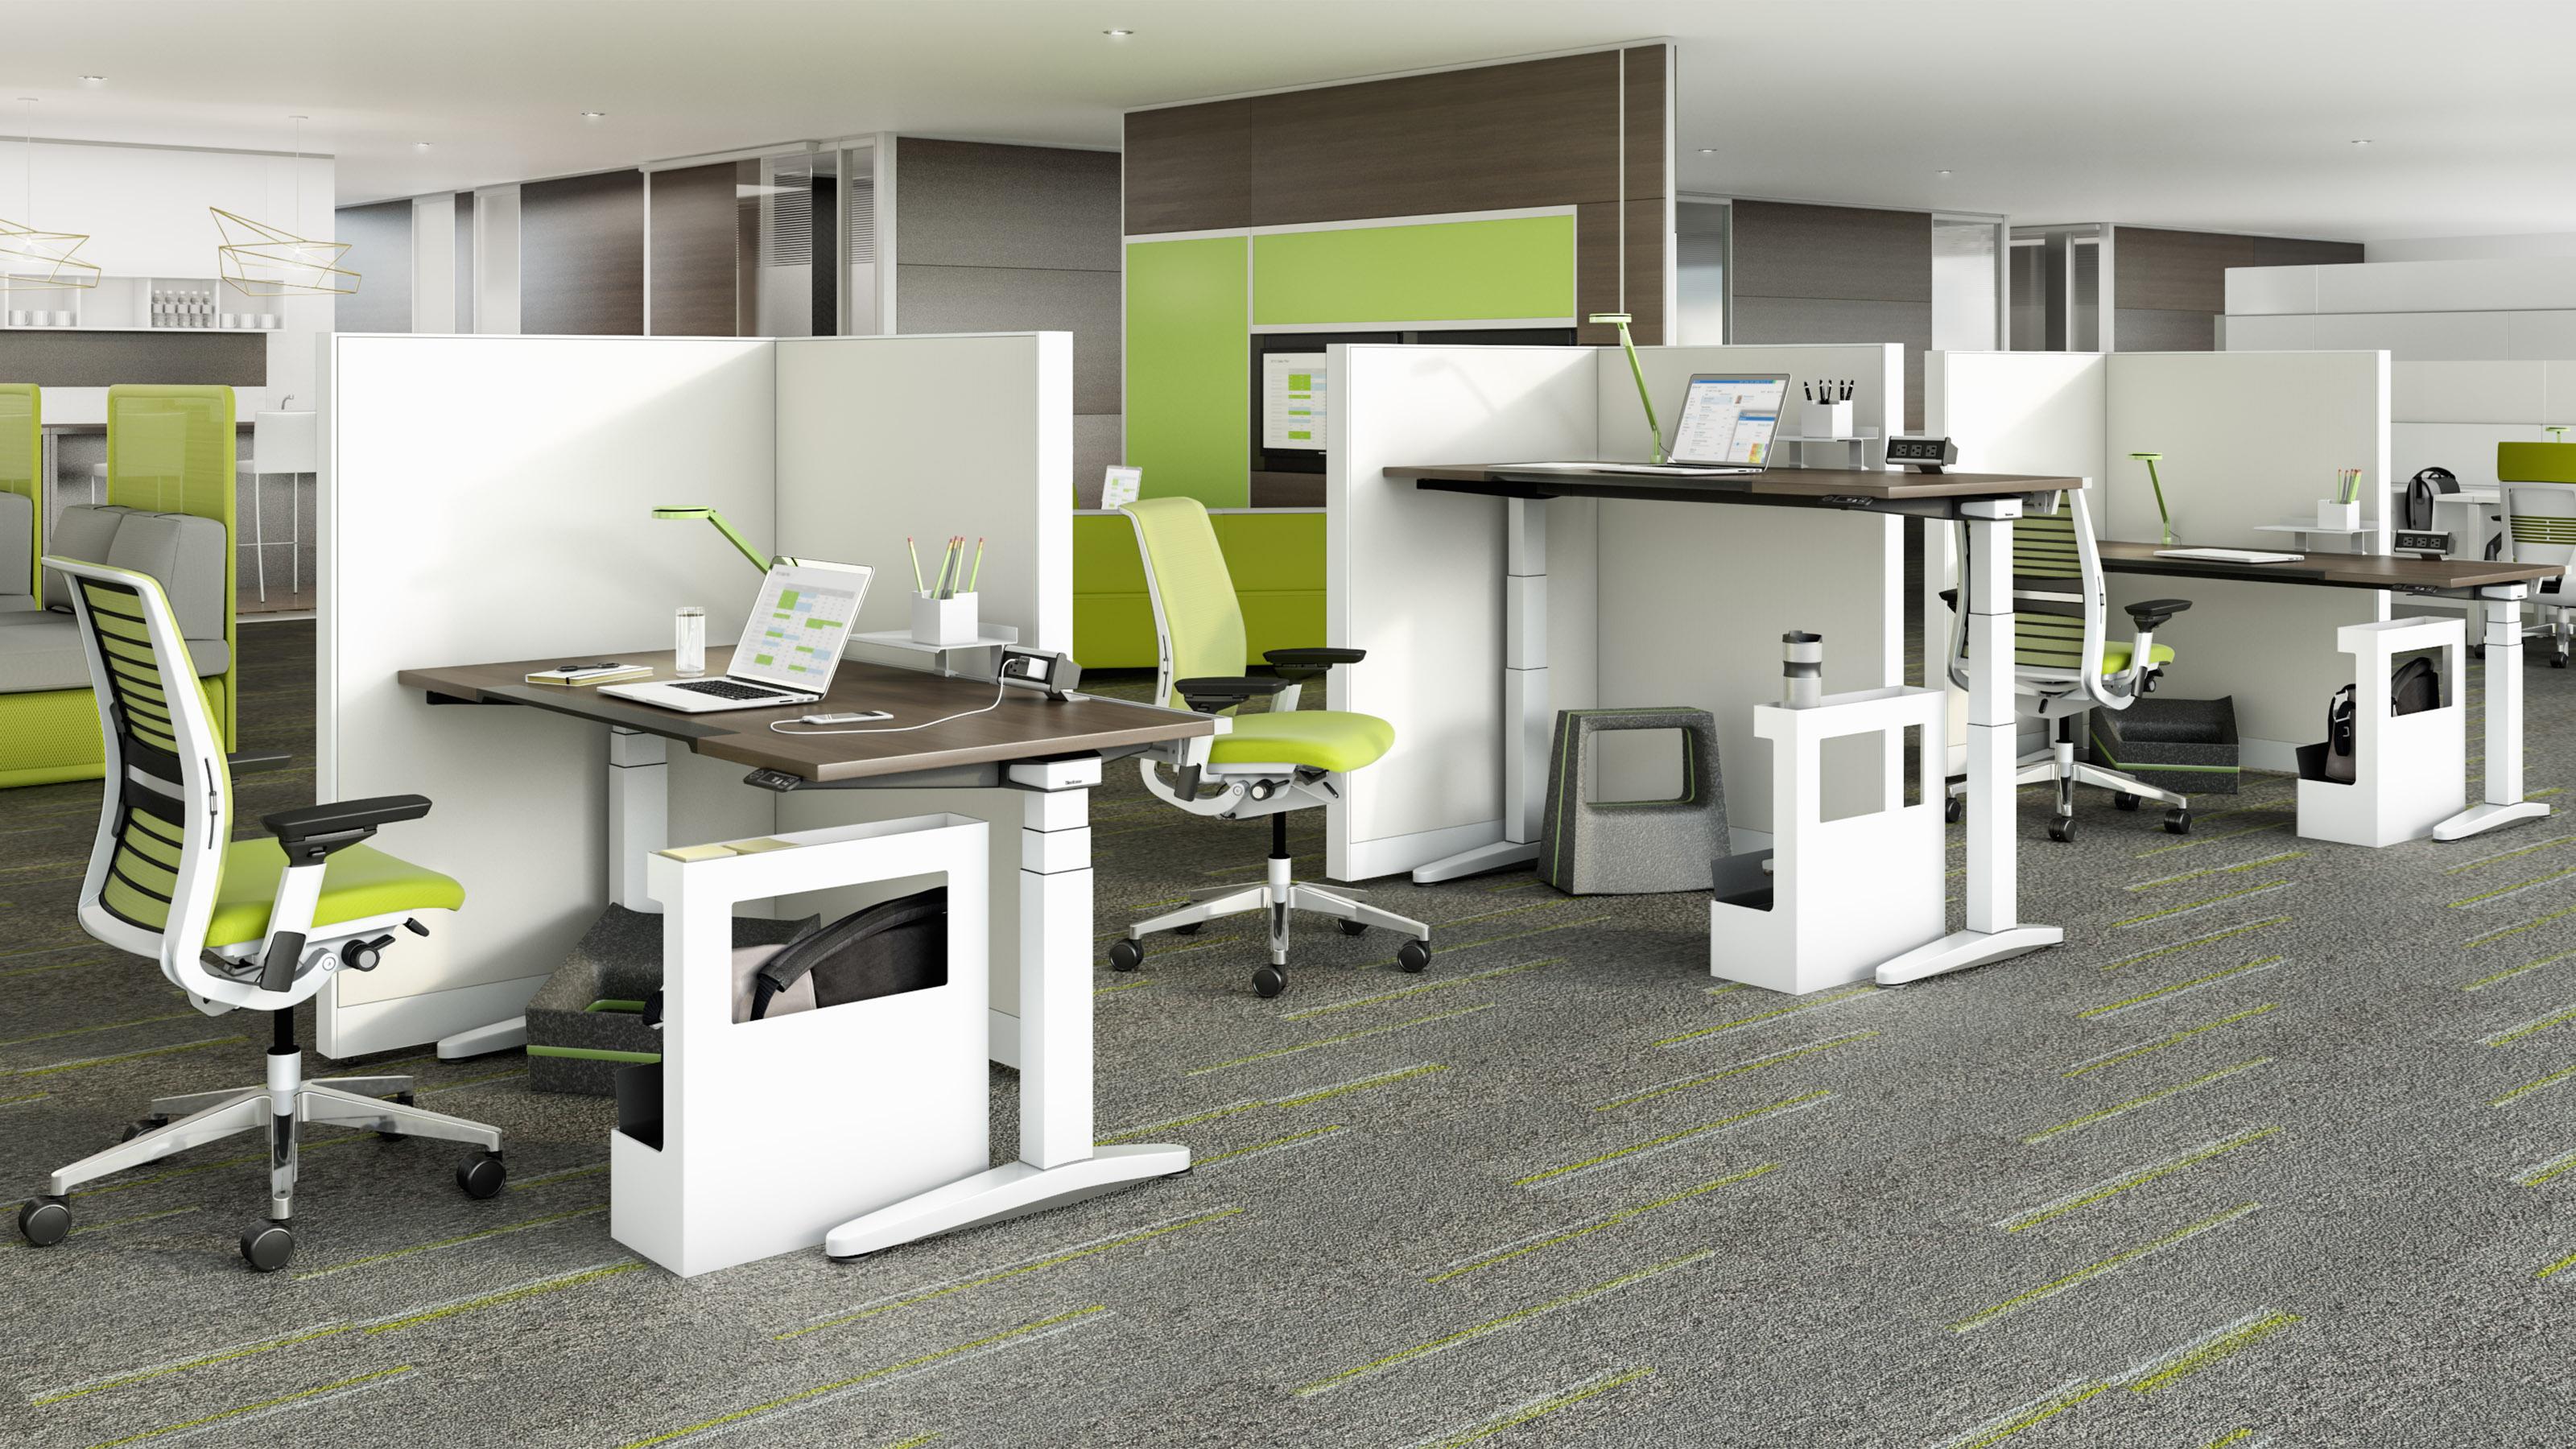 میز اداری مناسب با قابلیت تنظیم ارتفاع